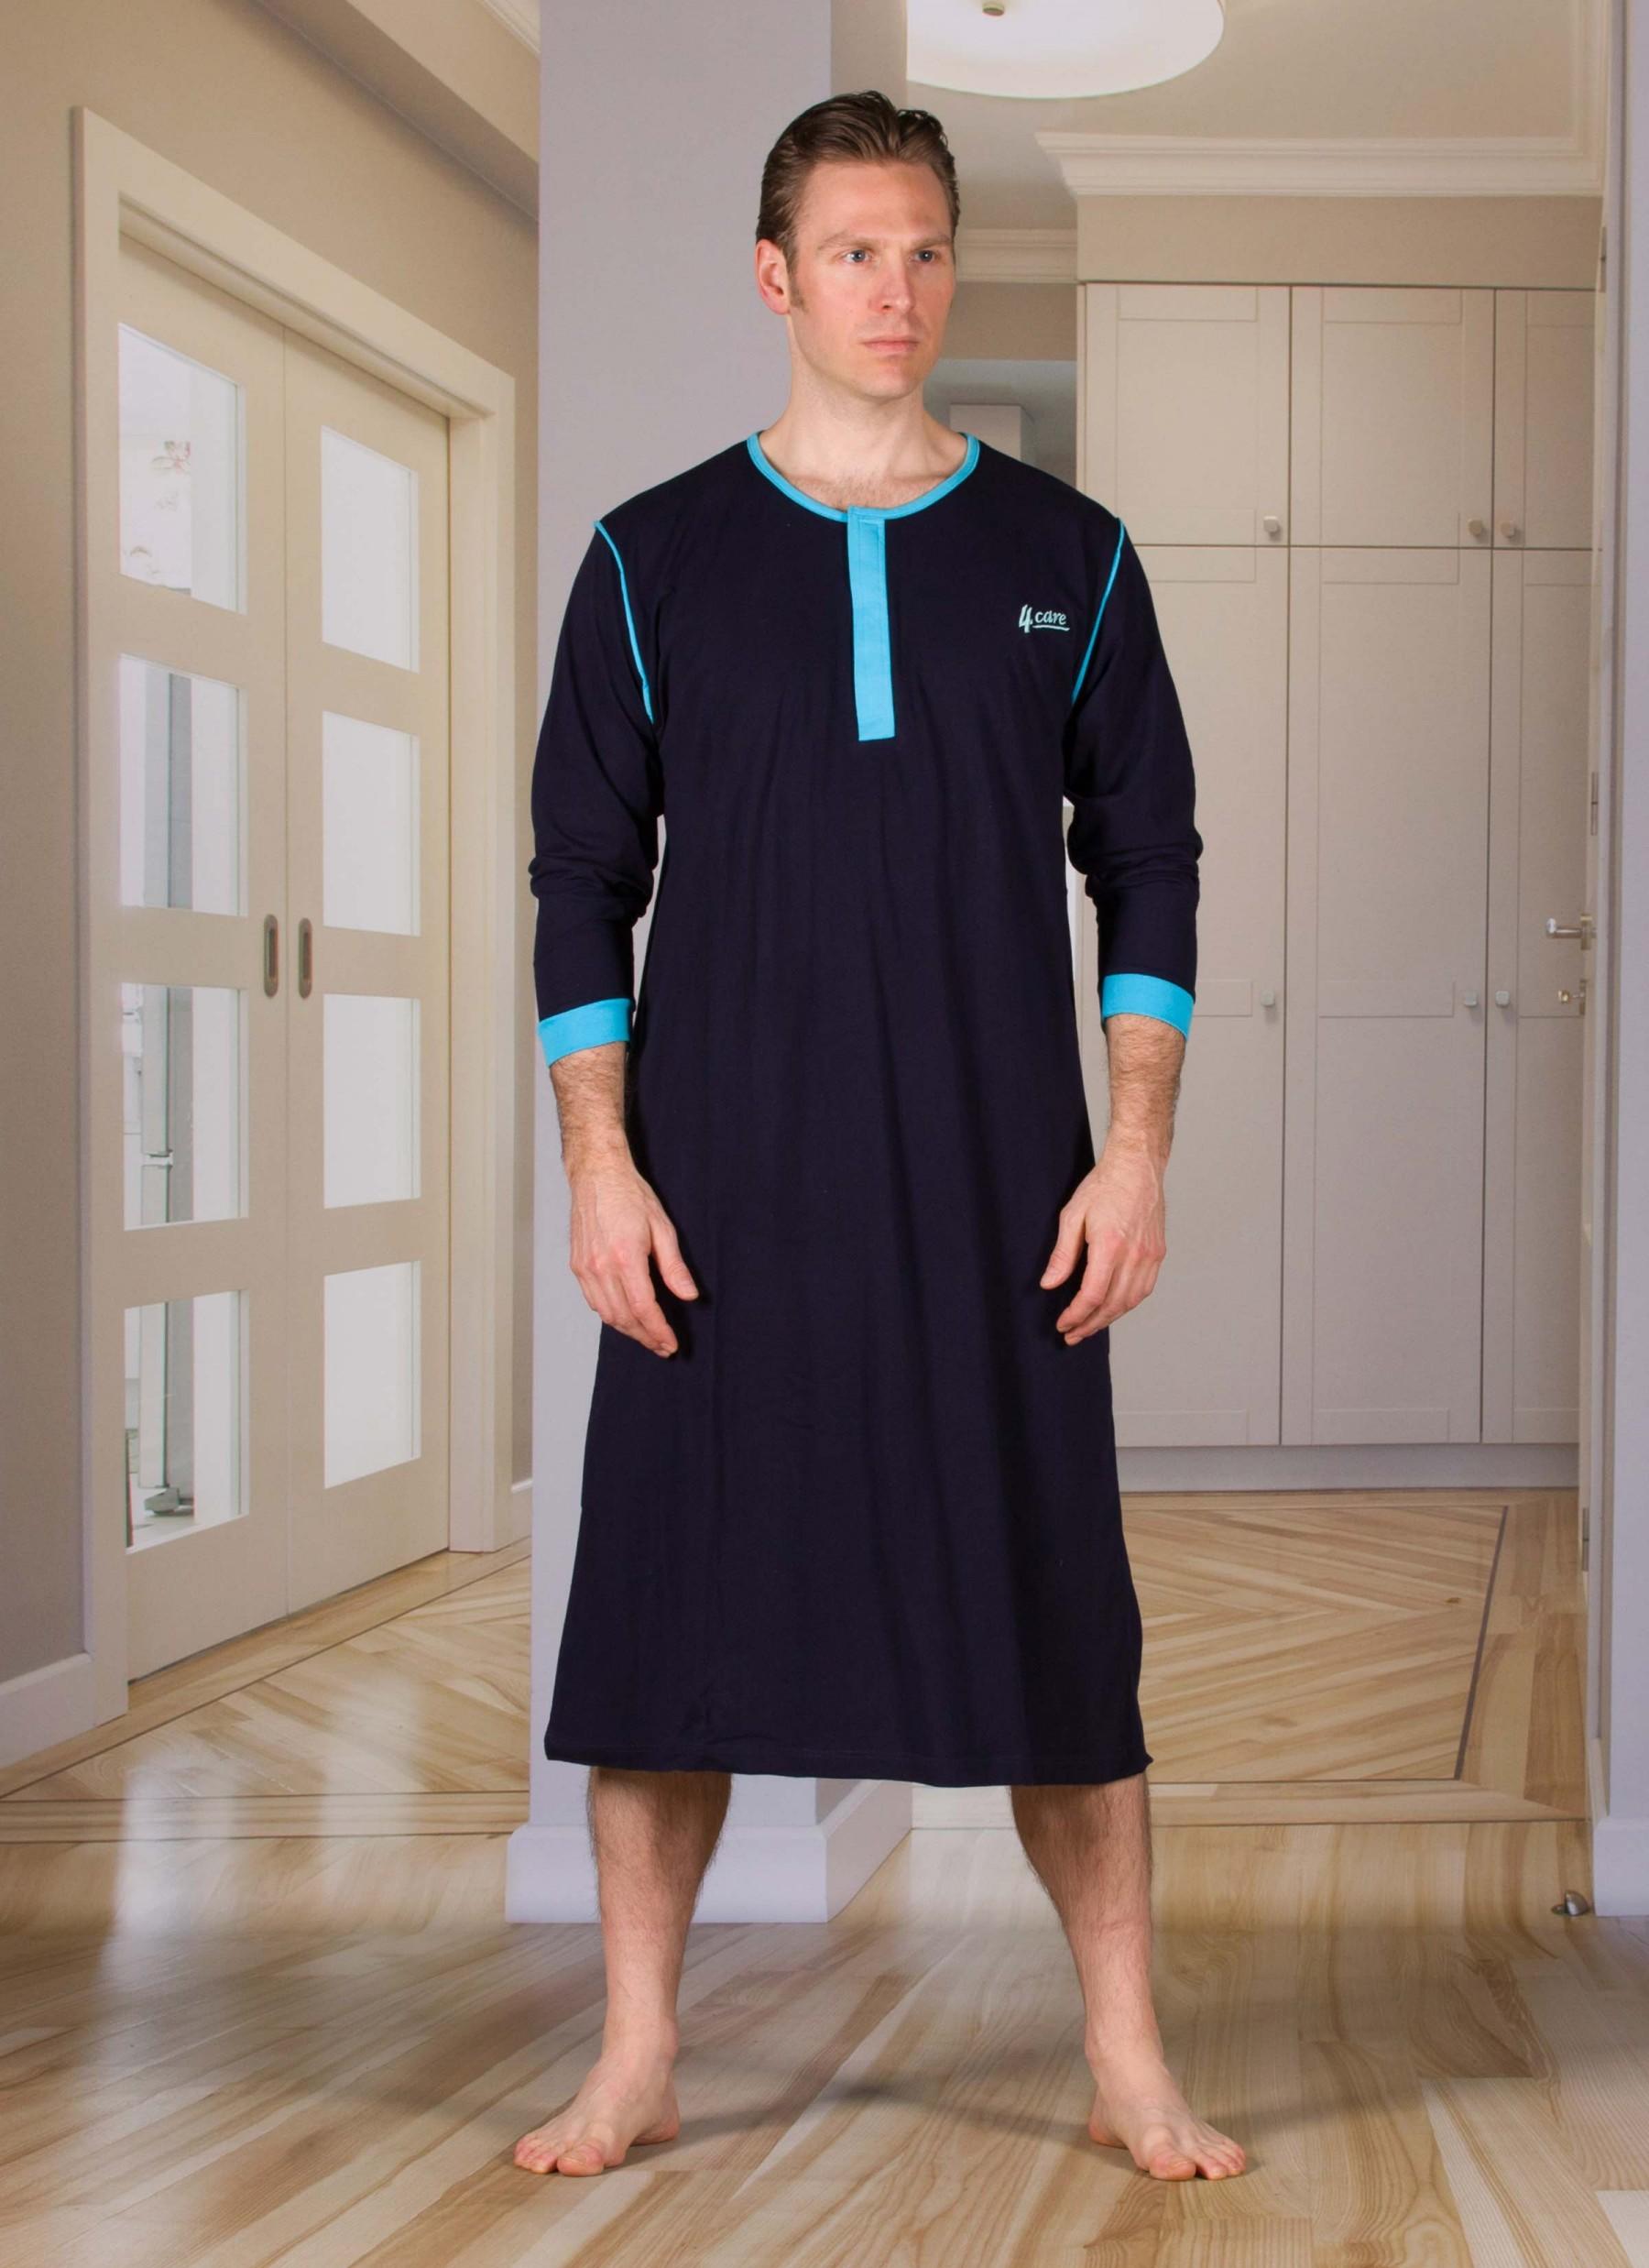 Koszula nocna ułatwiająca toaletę i pielęgnacje osób chorych  4ebx3